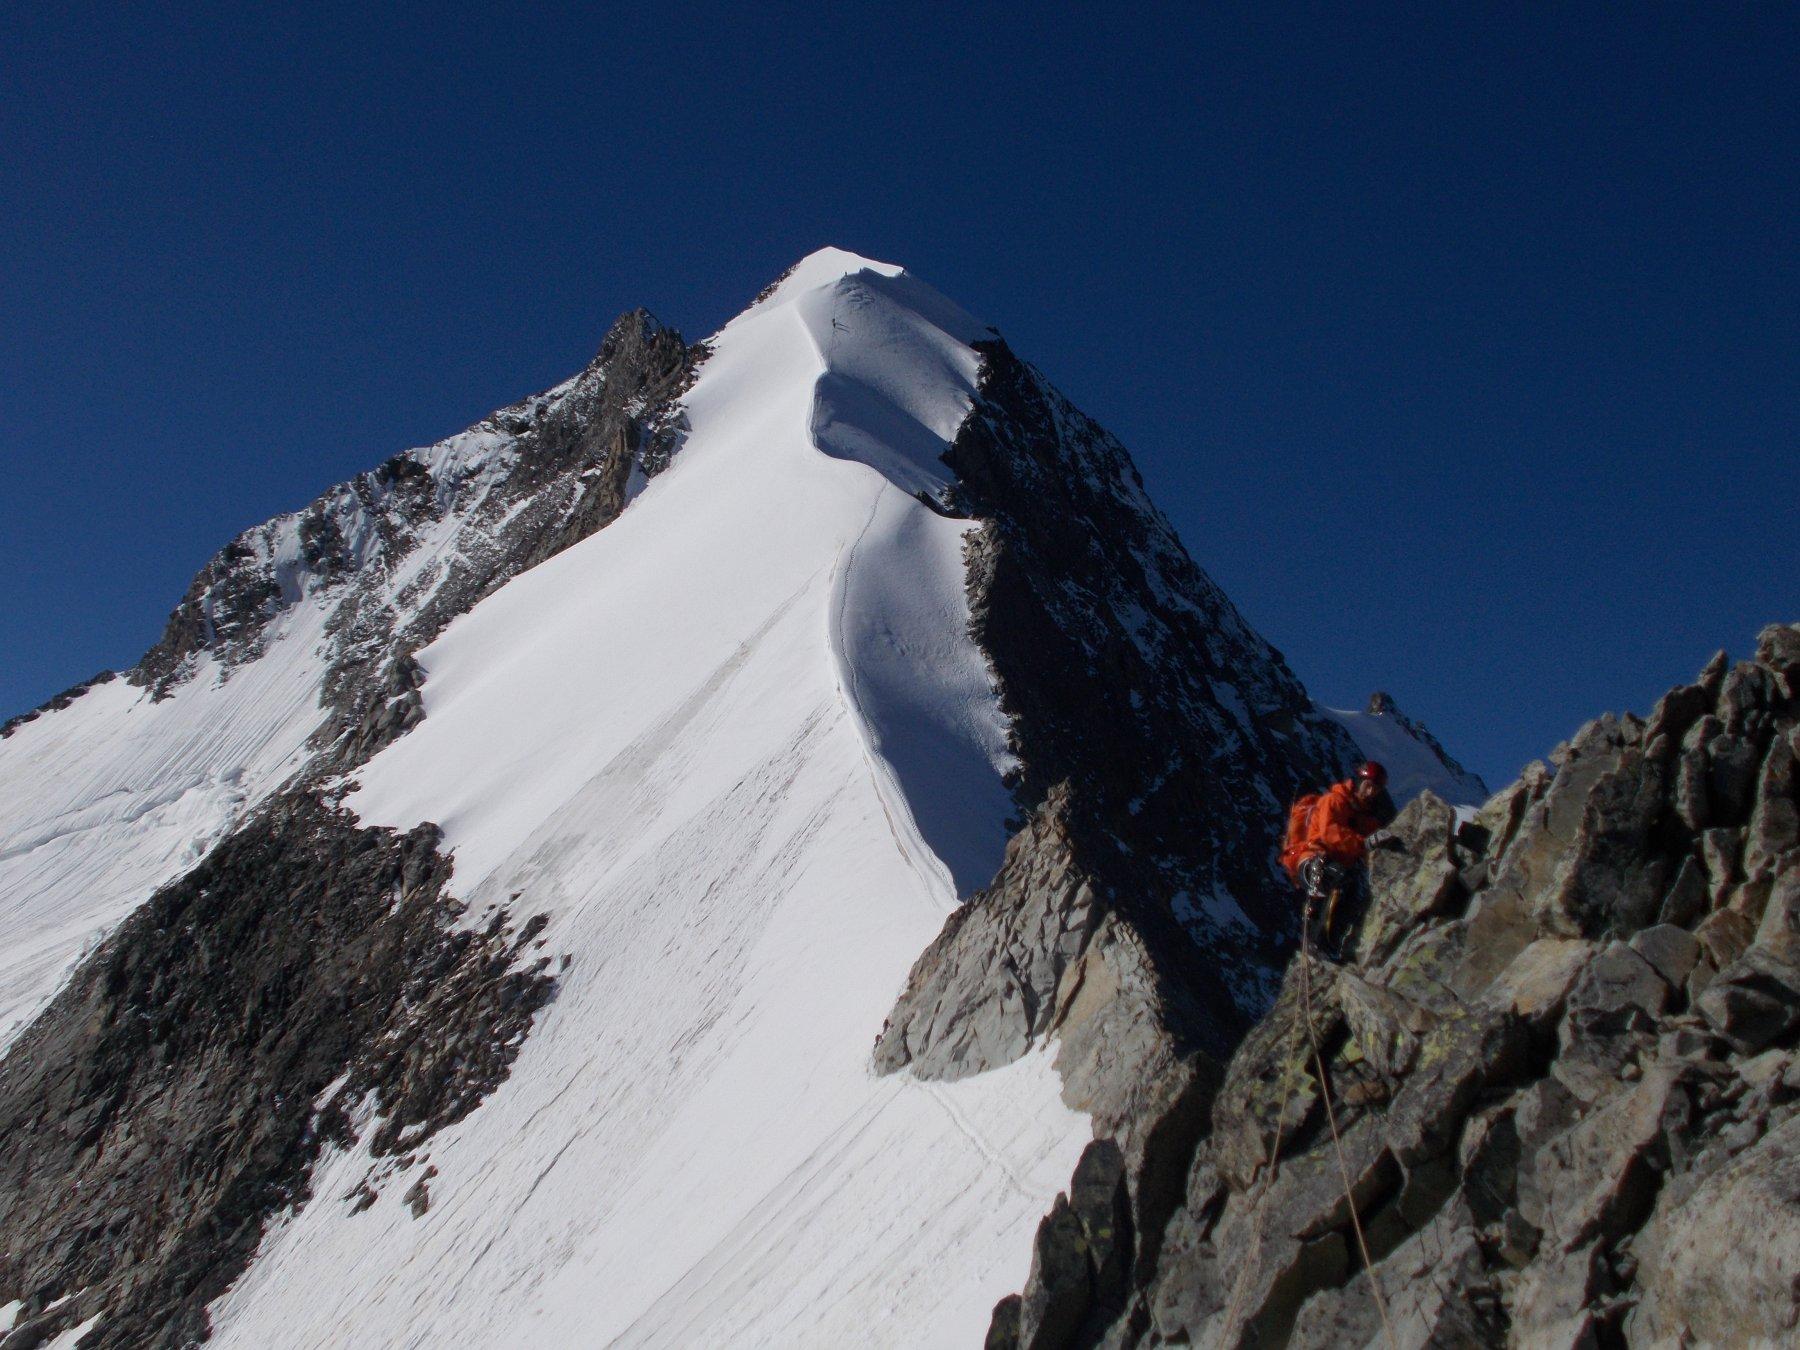 cercando l'ancoraggio per la doppia..la piu' bella linea delle alpi lassu' ci aspetta..